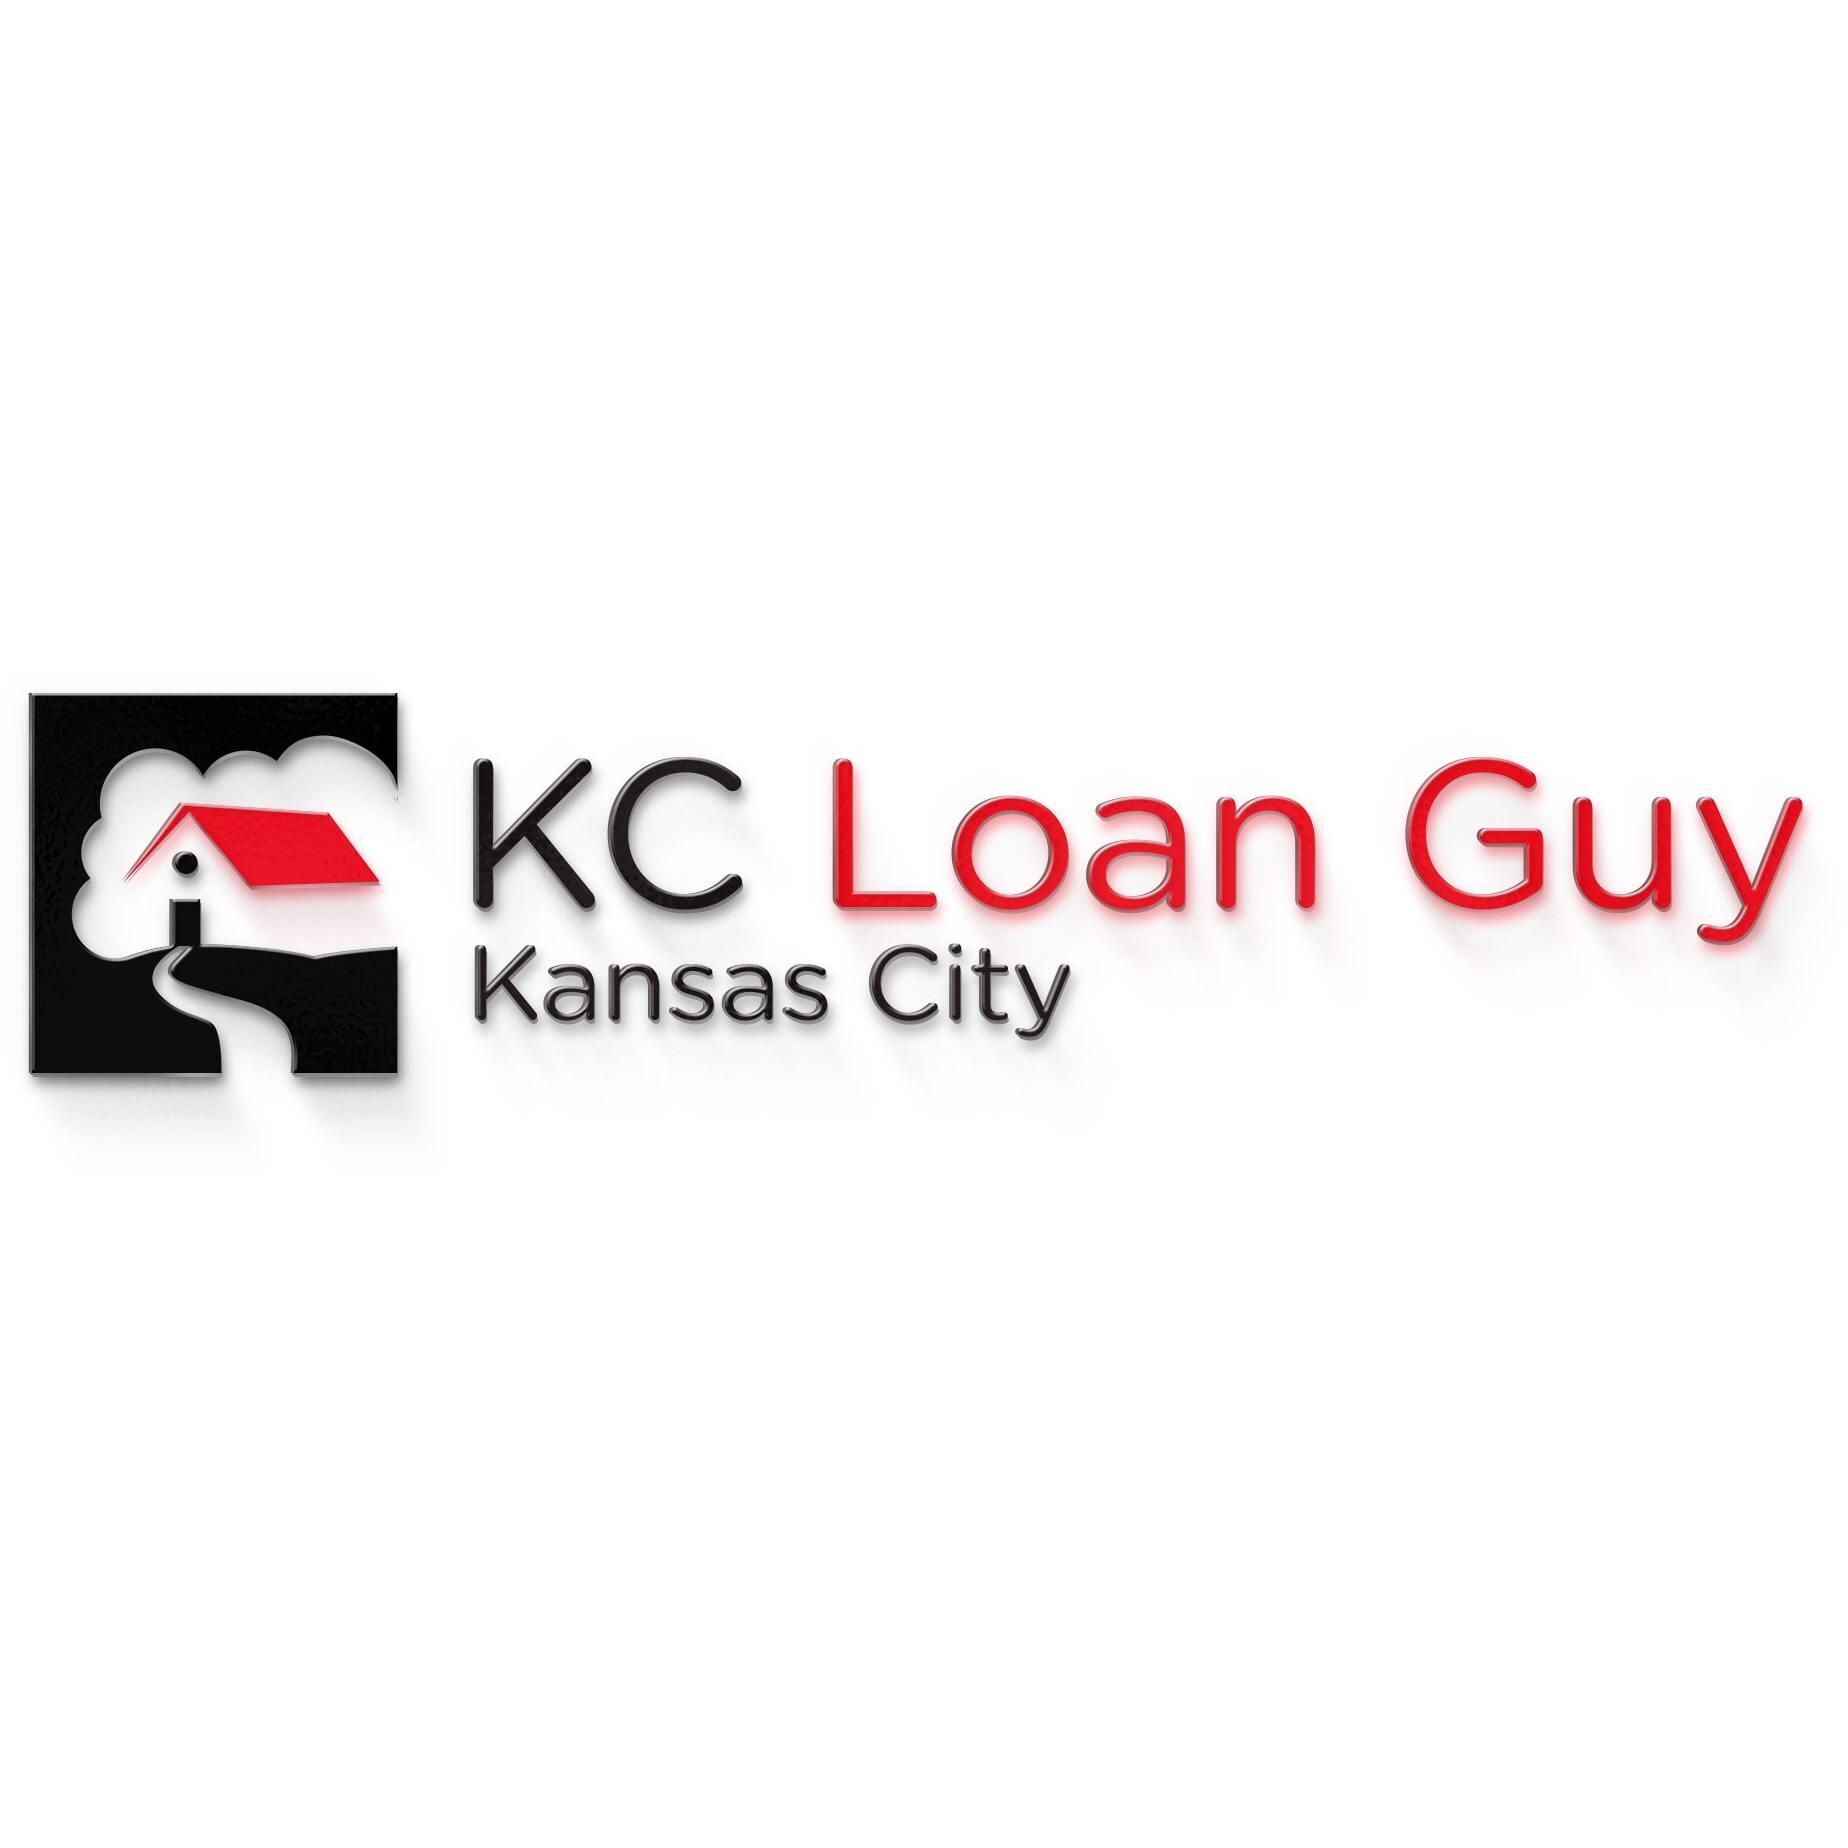 KC Loan Guy - Brett Manlove